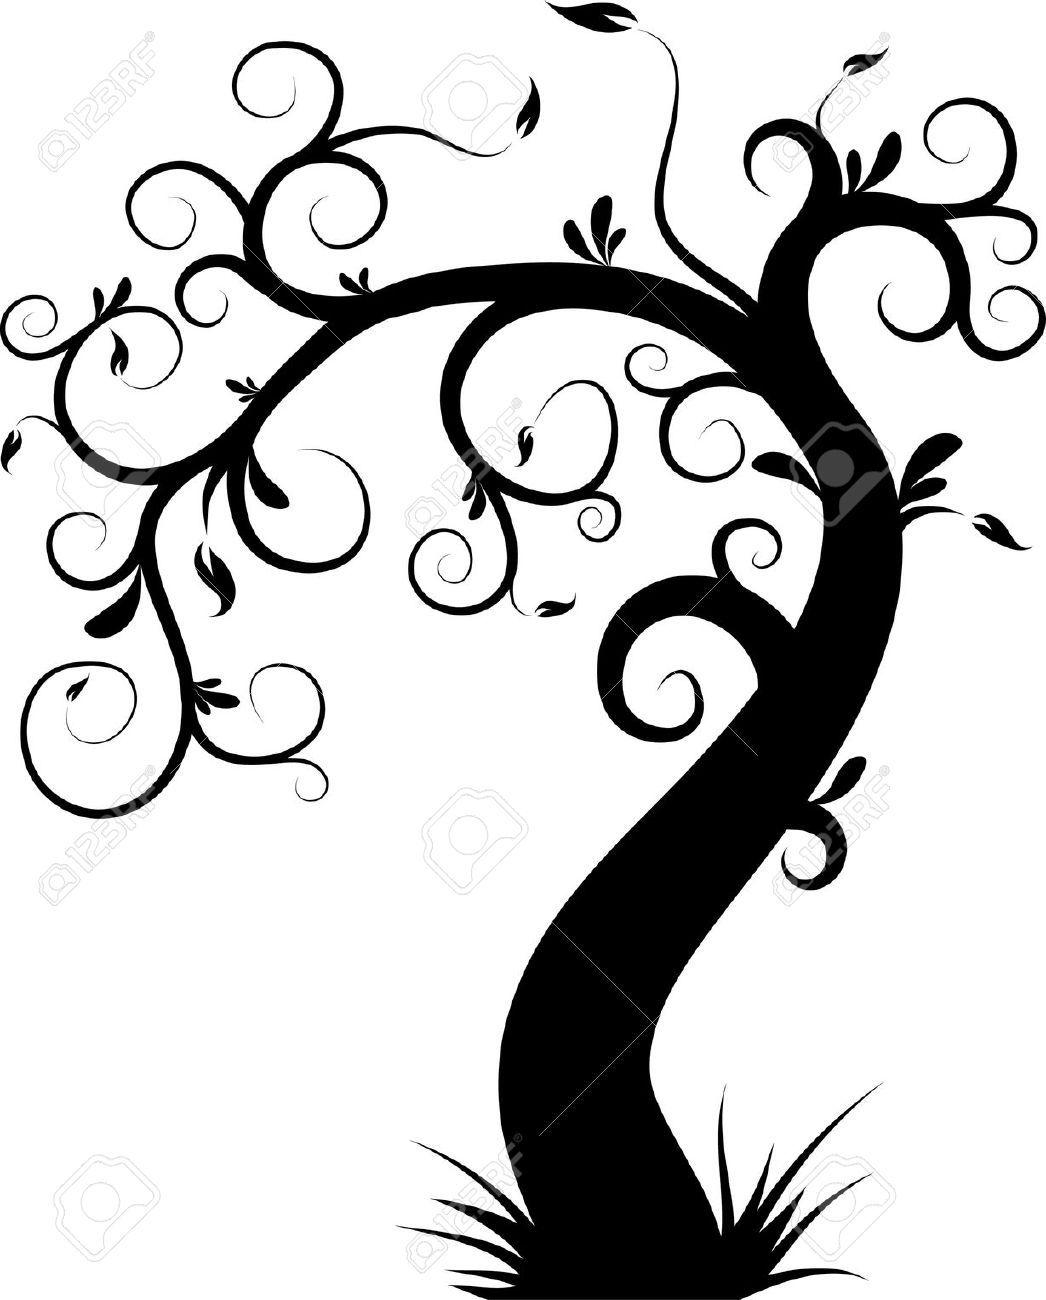 arbre d coratif illustration vectorielle favorite painting ideas pinterest stenciling. Black Bedroom Furniture Sets. Home Design Ideas